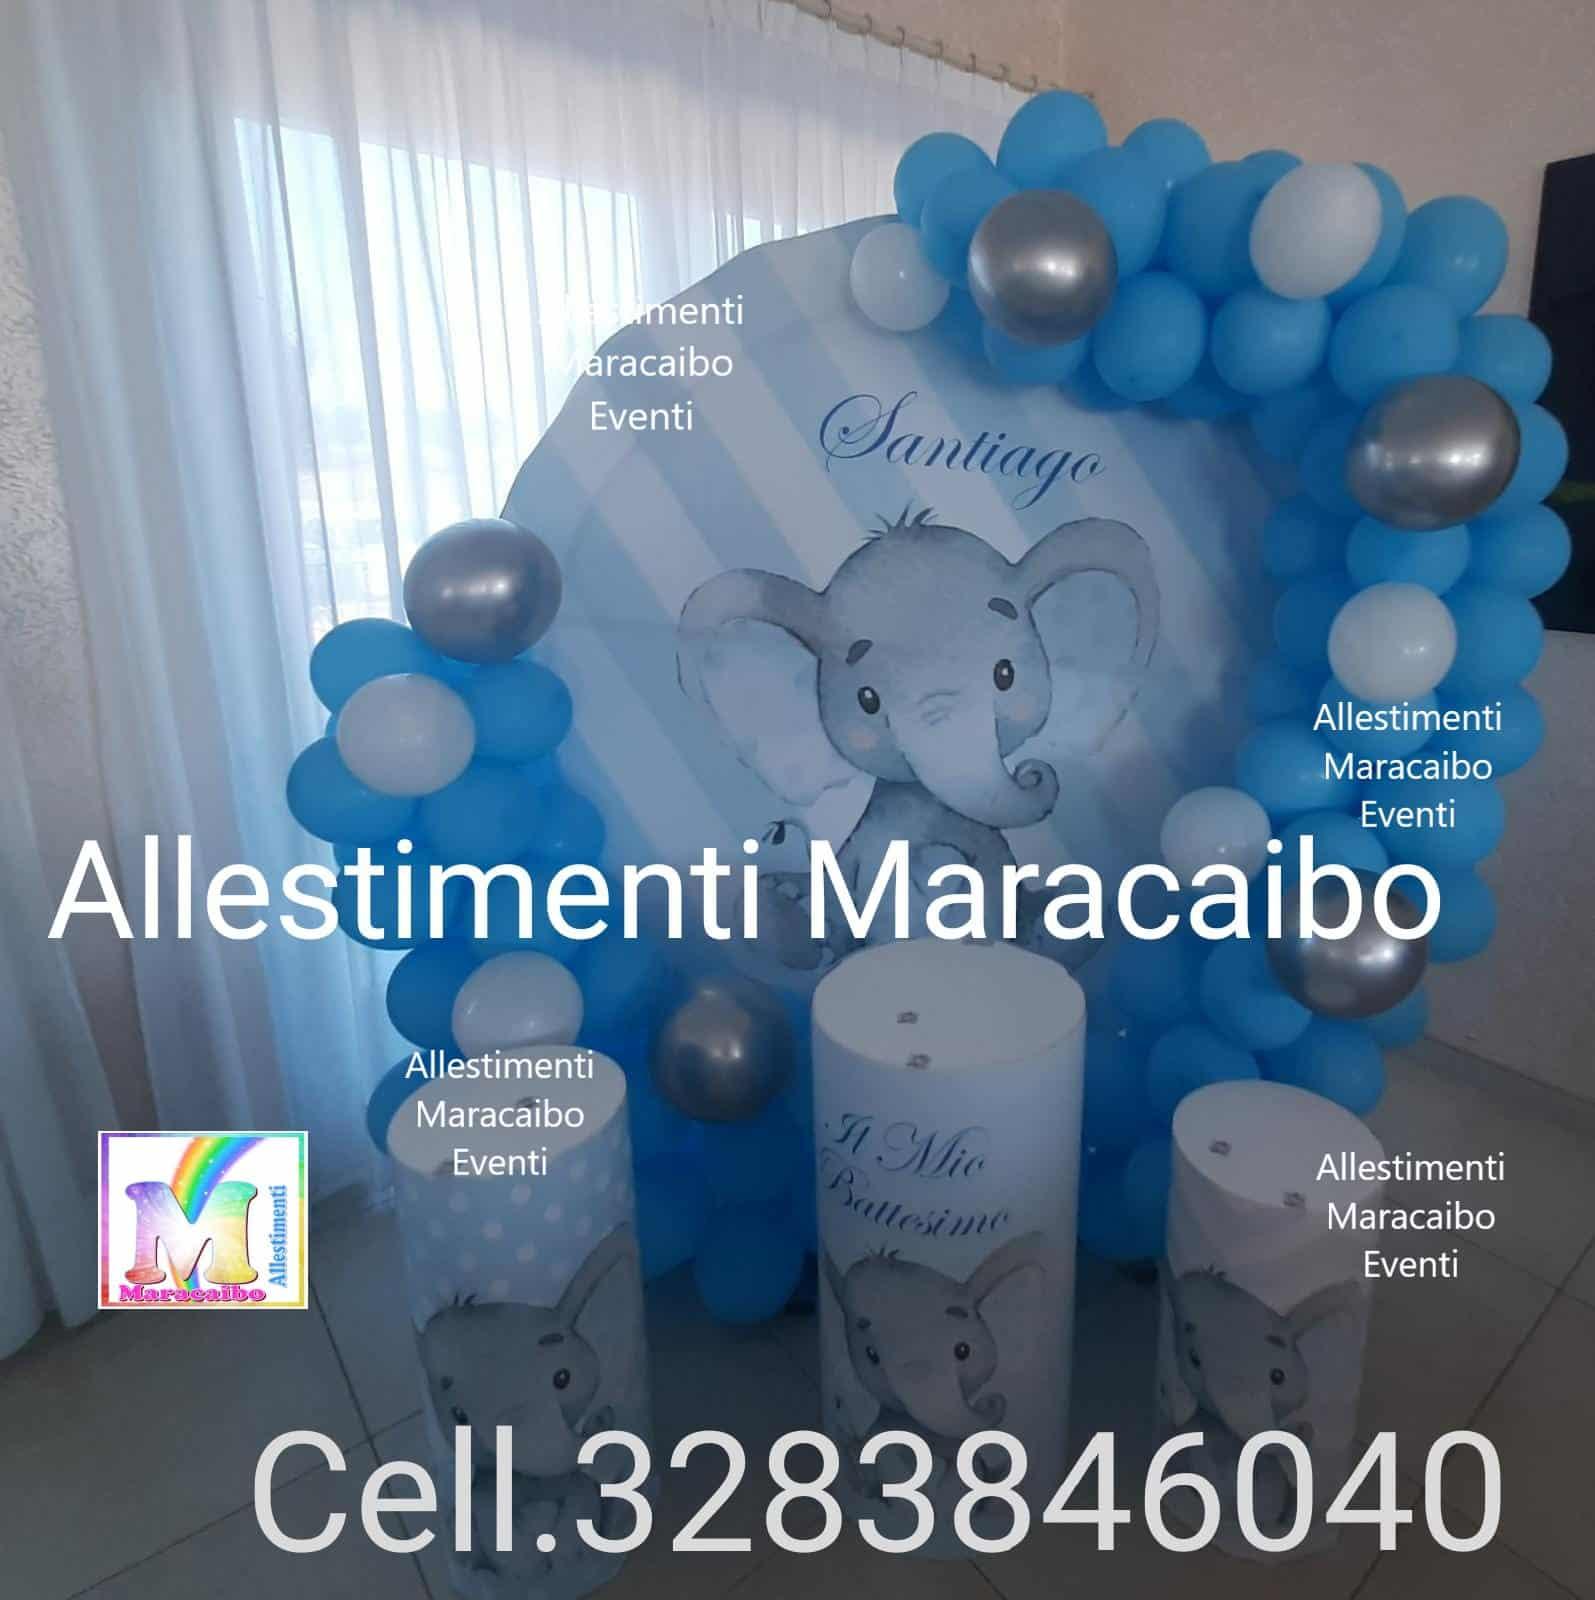 Addobbo primo compleanno idee allestimenti feste eventi palloncini Macerata Civitanova Ancona Marche agenzia feste animazione